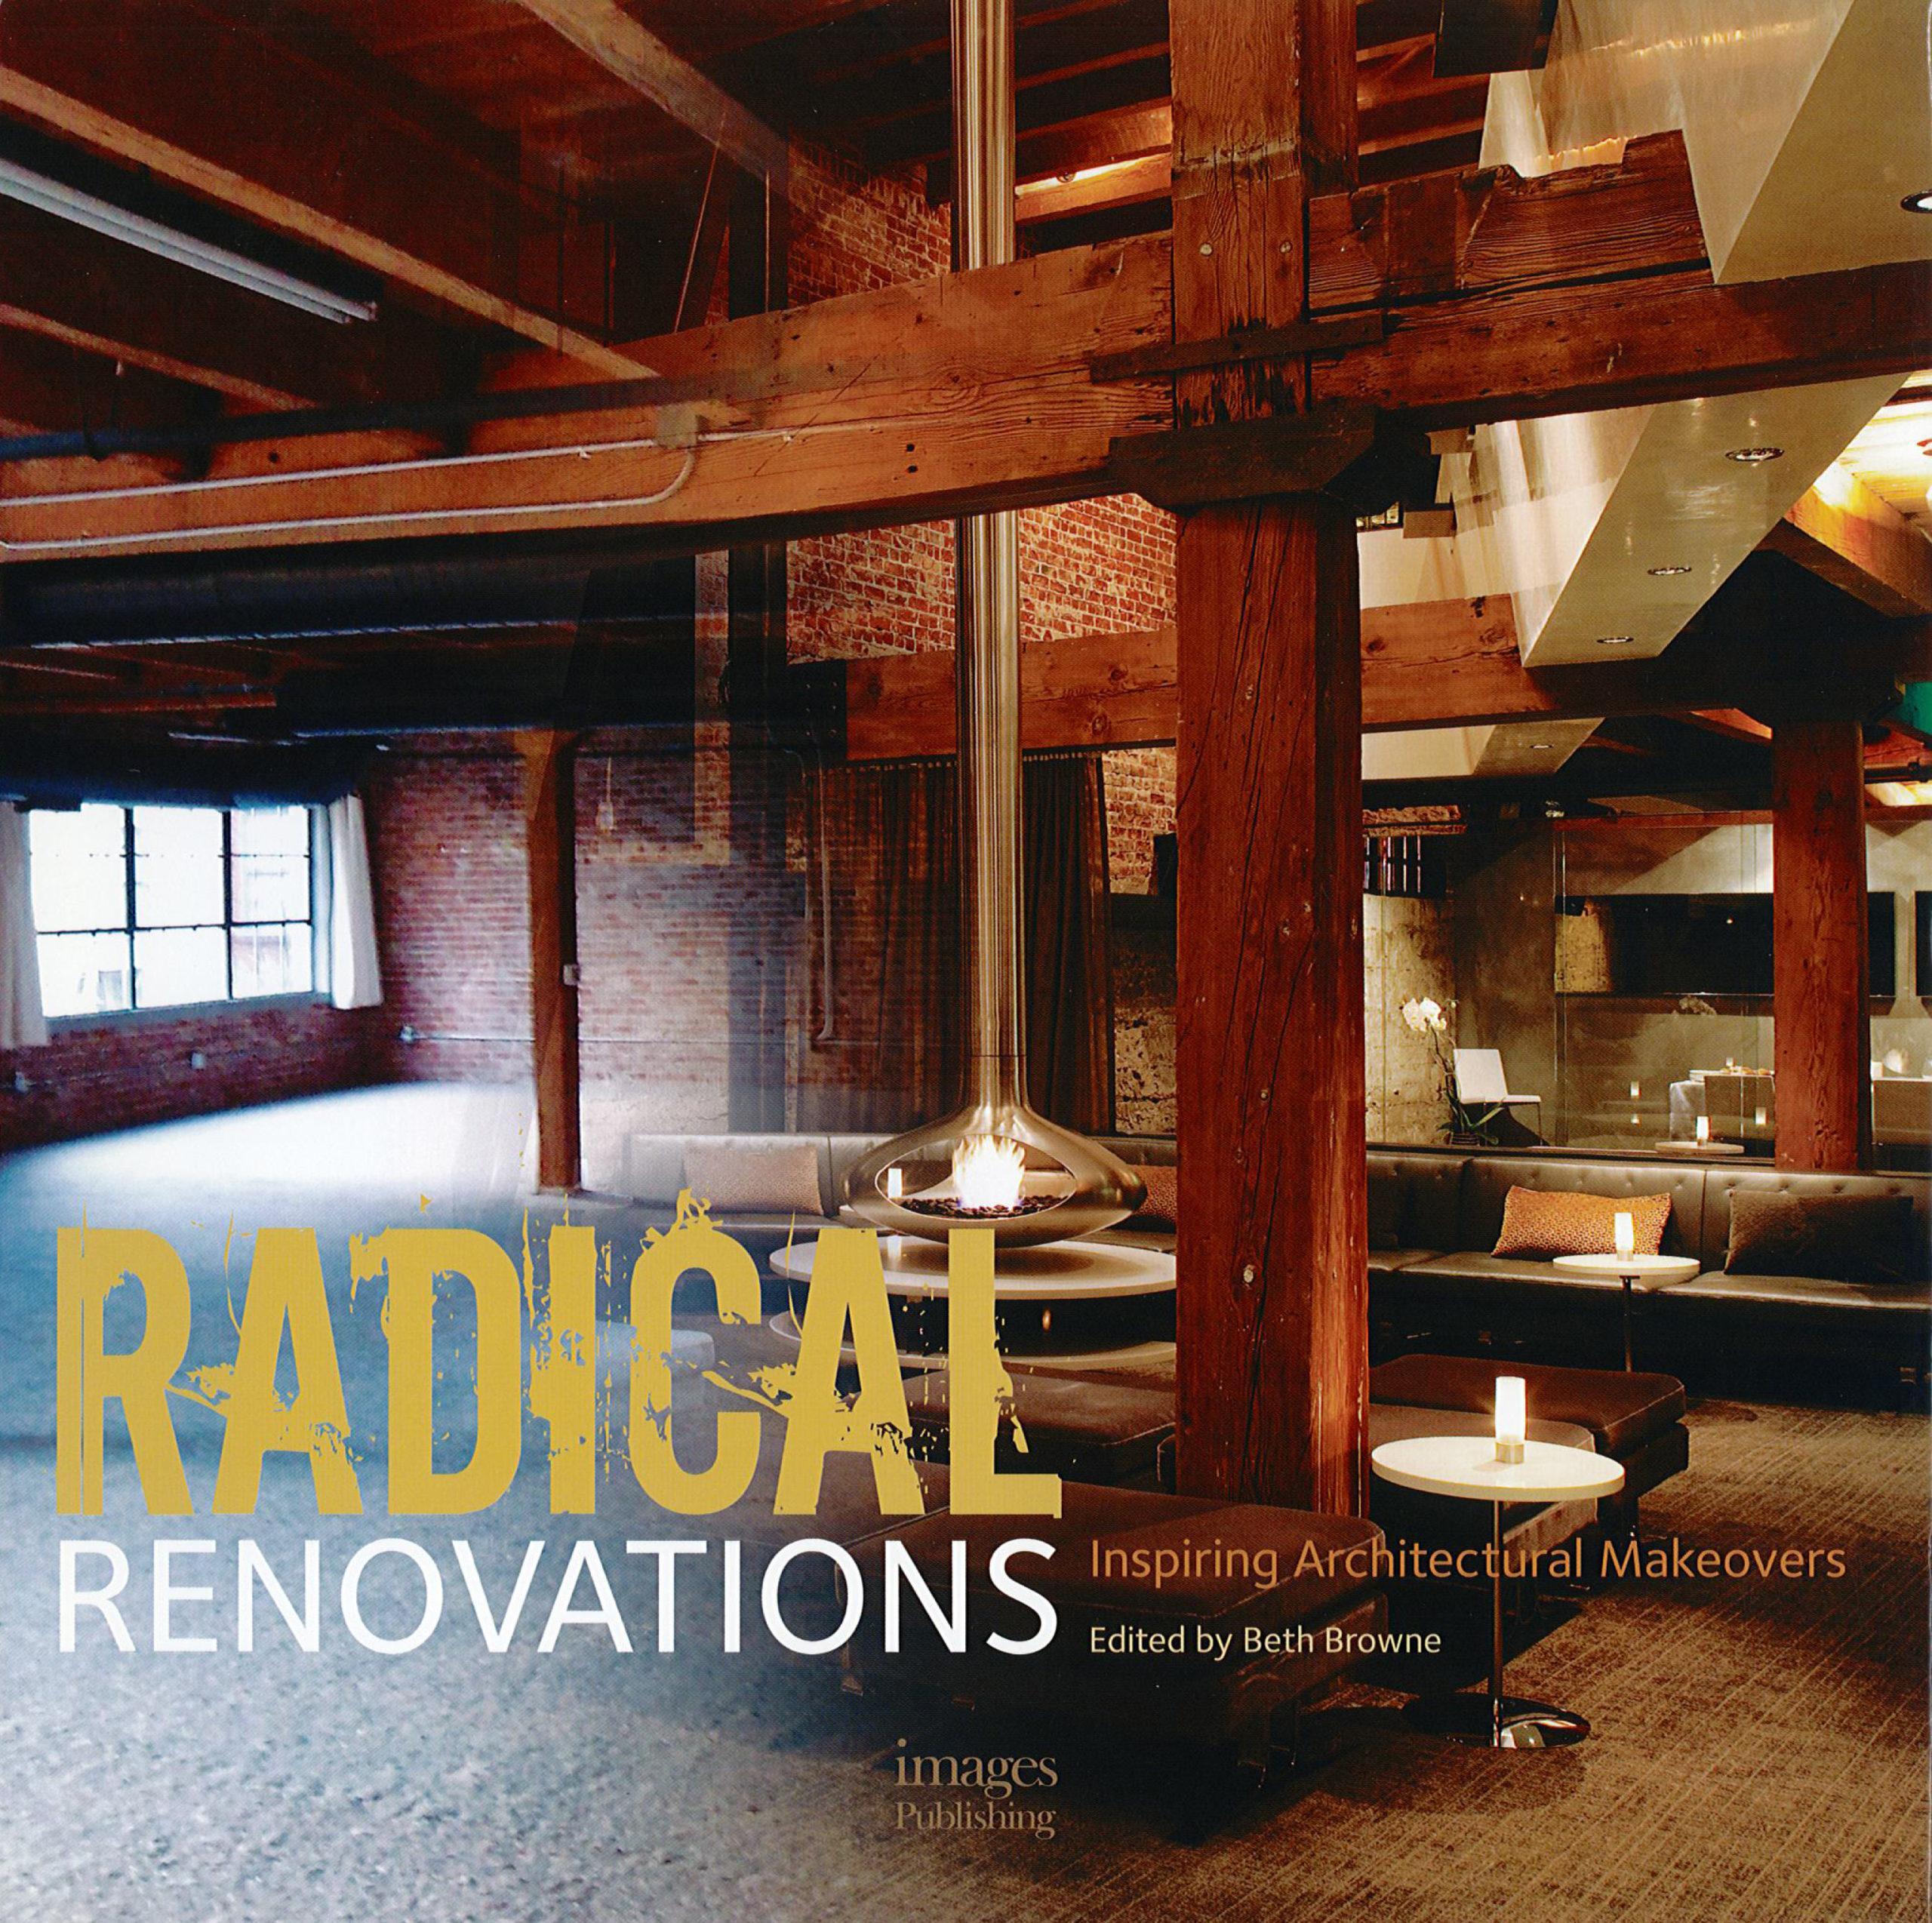 Pubblicazioni - Radical renovation - oberti+oberti   architetti